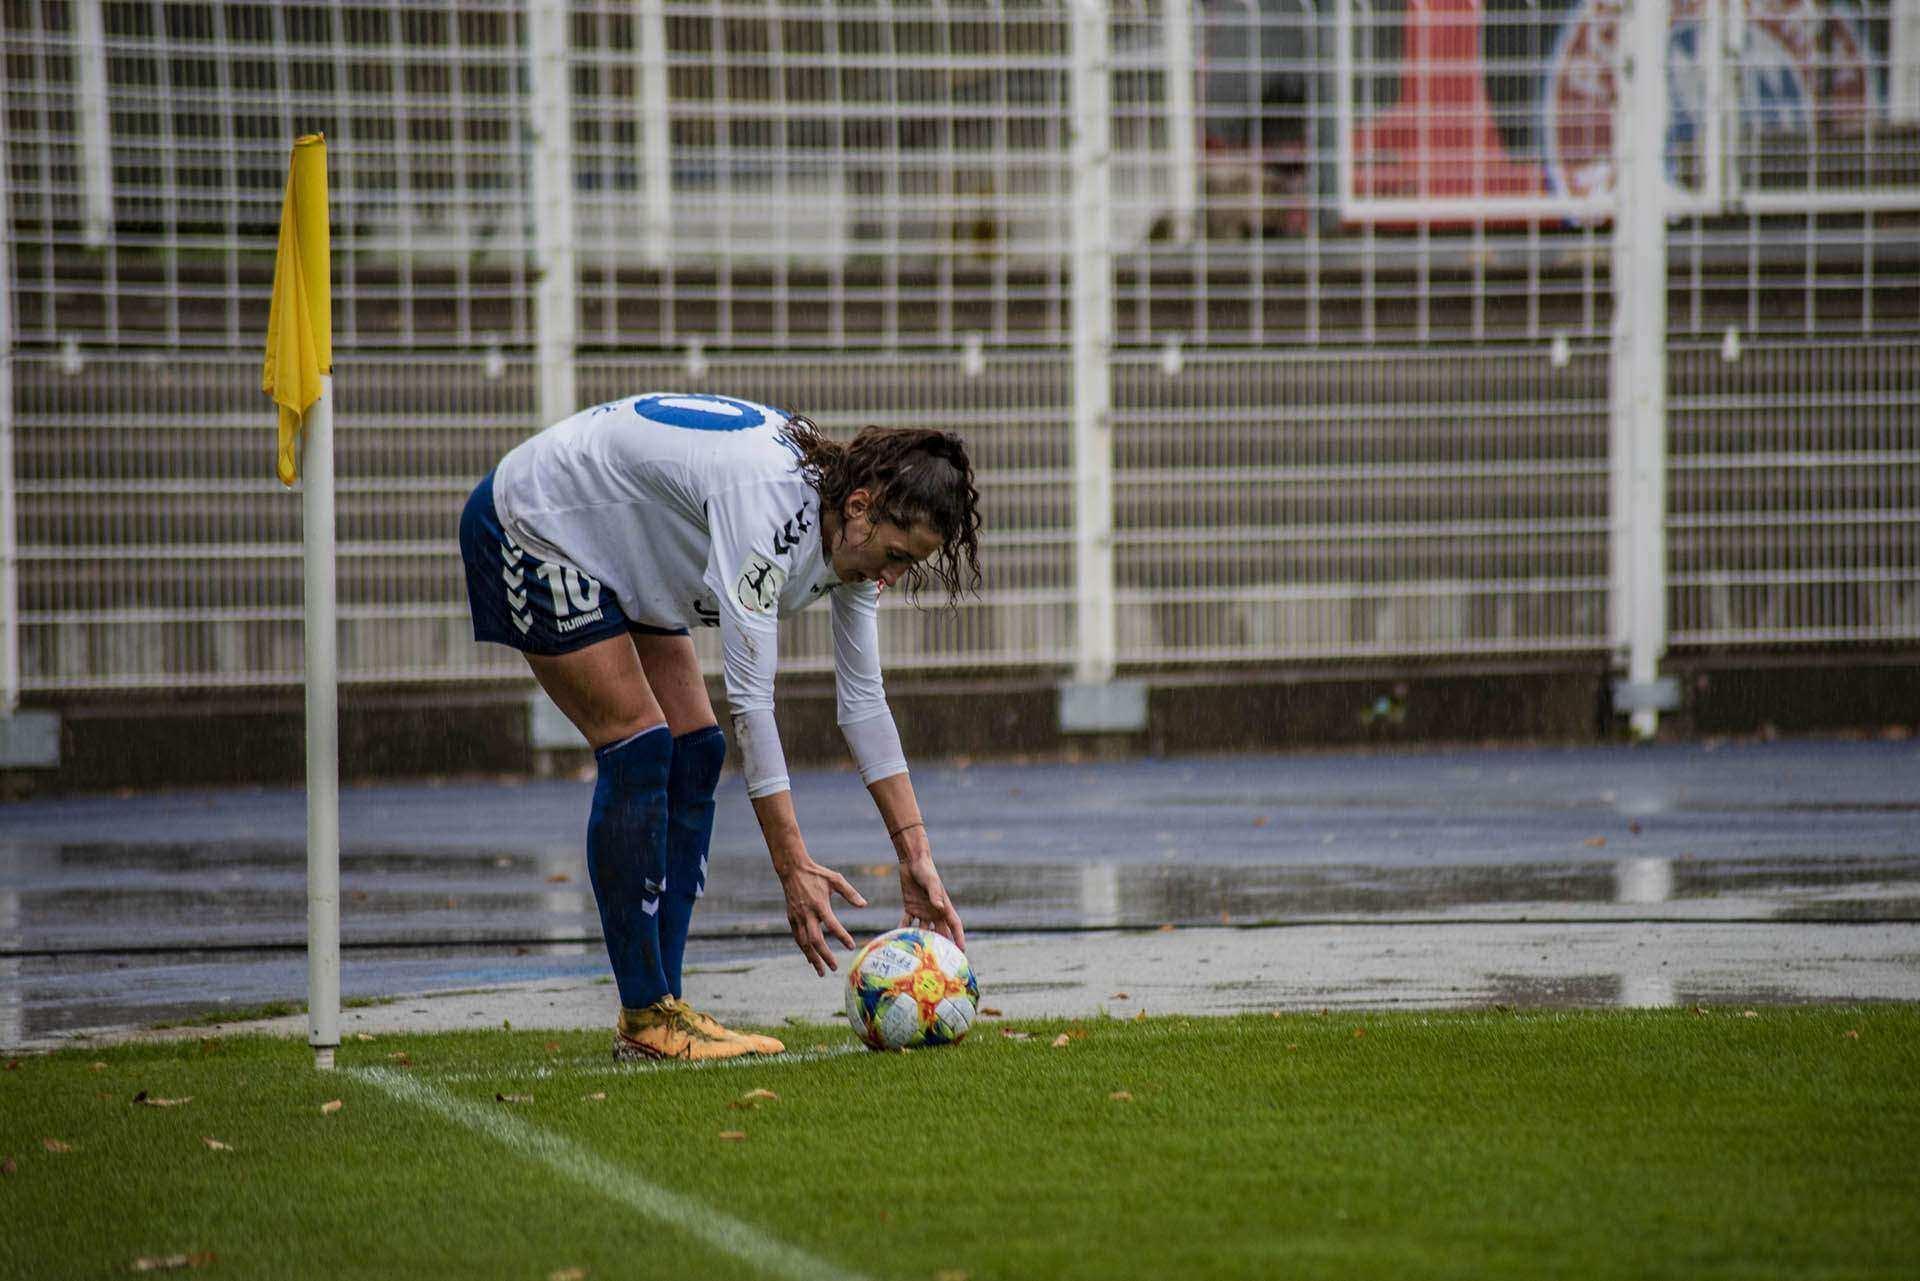 Stürmische Zeiten im Jenaer Paradies .. FF USV JENA vs. Wolfsburg am Sonntag ab 14.00 Uhr